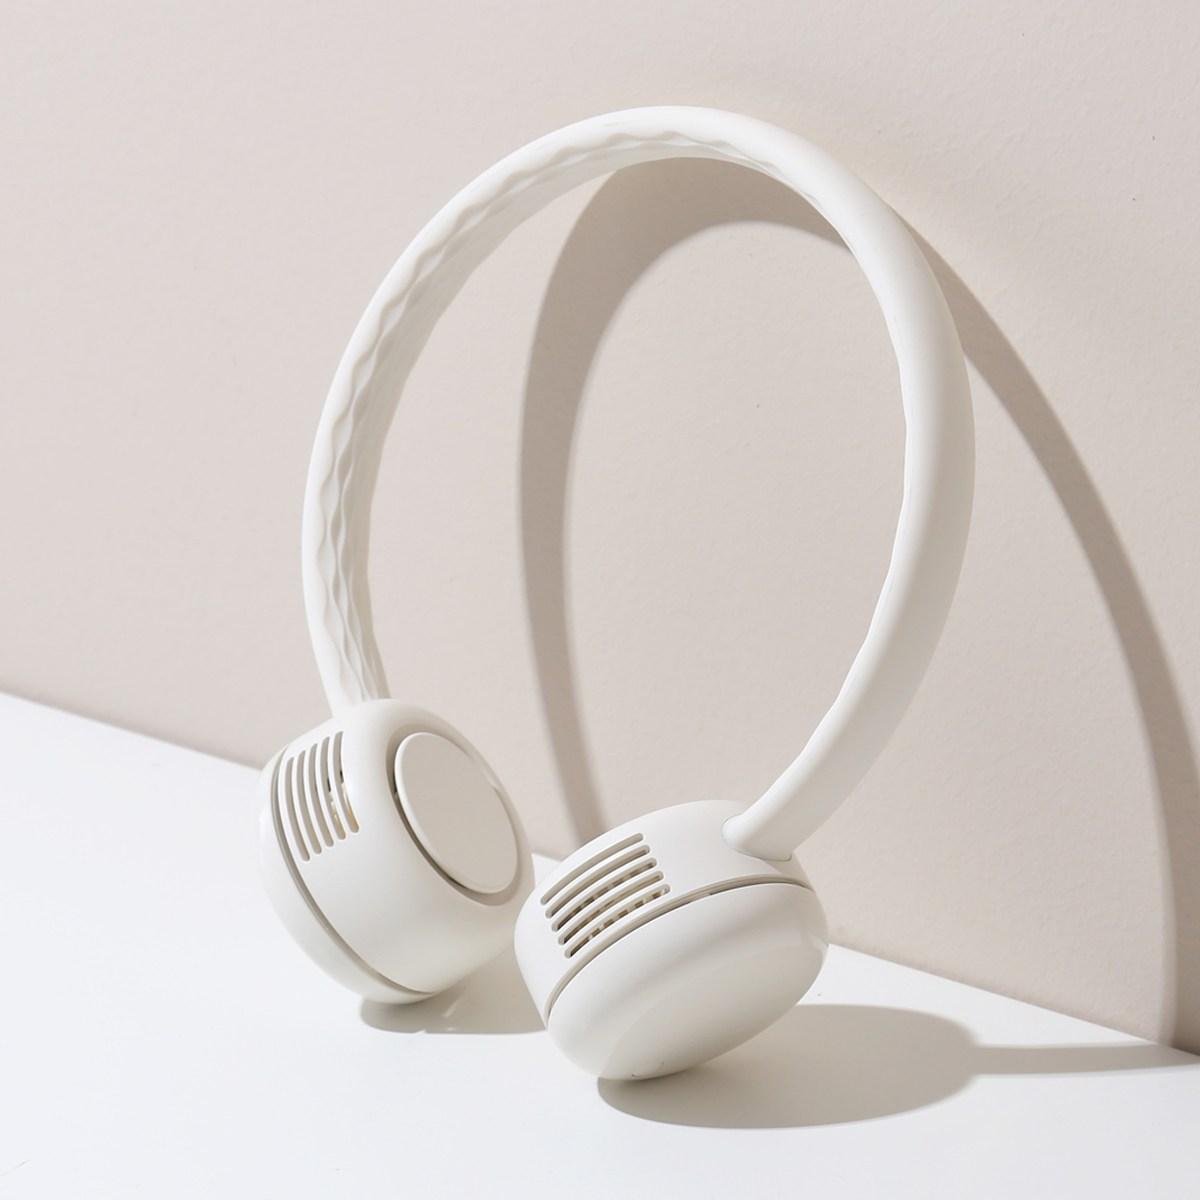 단순생활 넥밴드 휴대용 선풍기, 옵션선택, 04 클래식블루